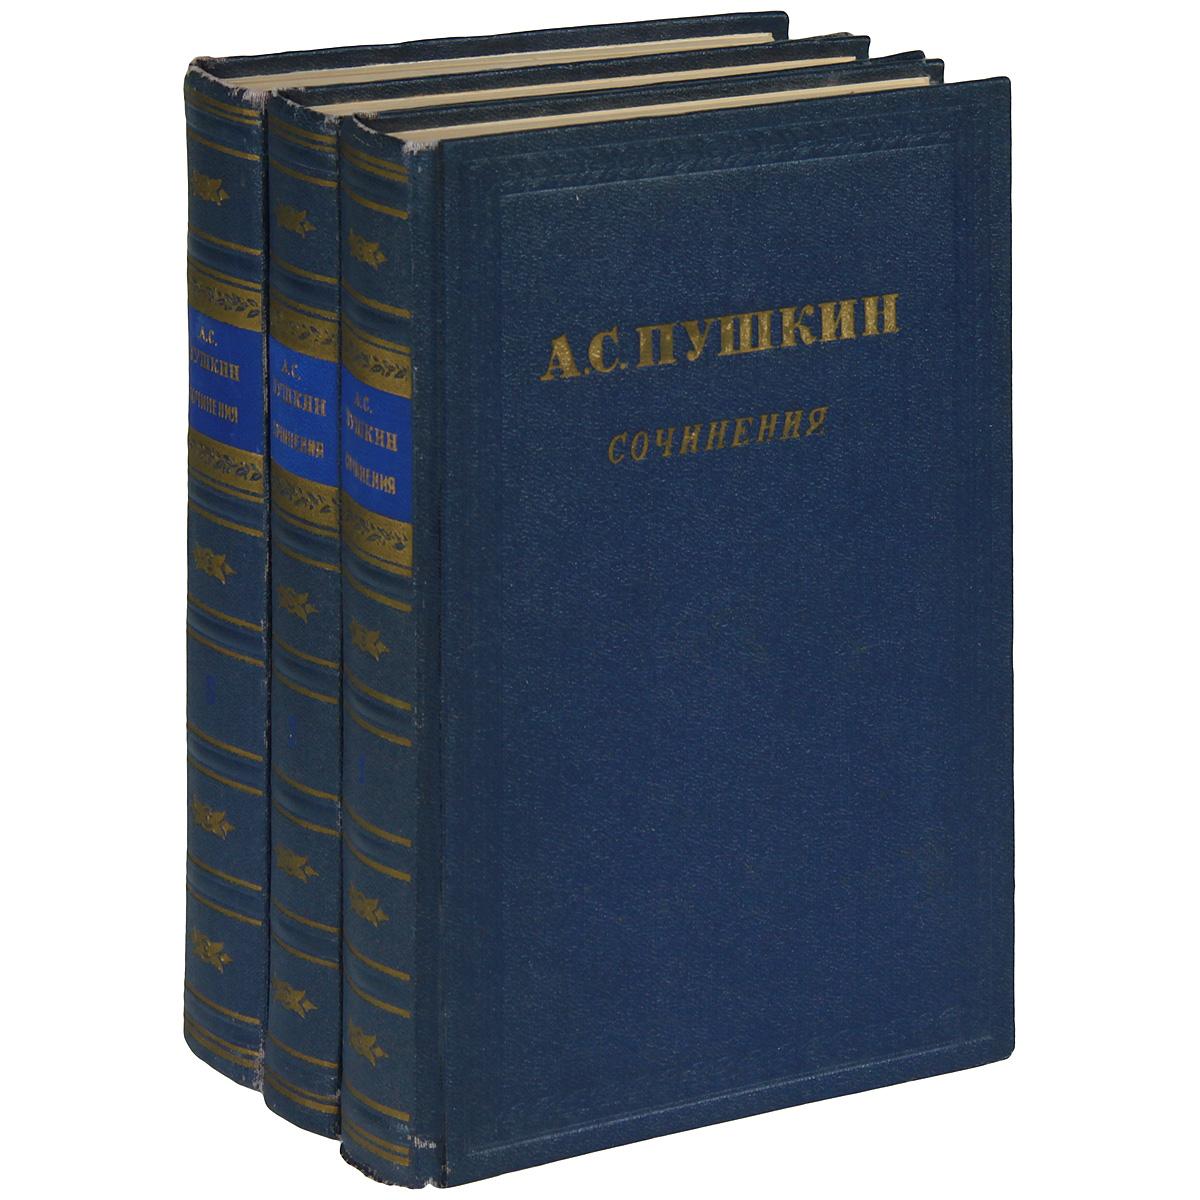 А. С. Пушкин А. С. Пушкин. Сочинения (комплект из 3 книг) а с пушкин а с пушкин избранные сочинения